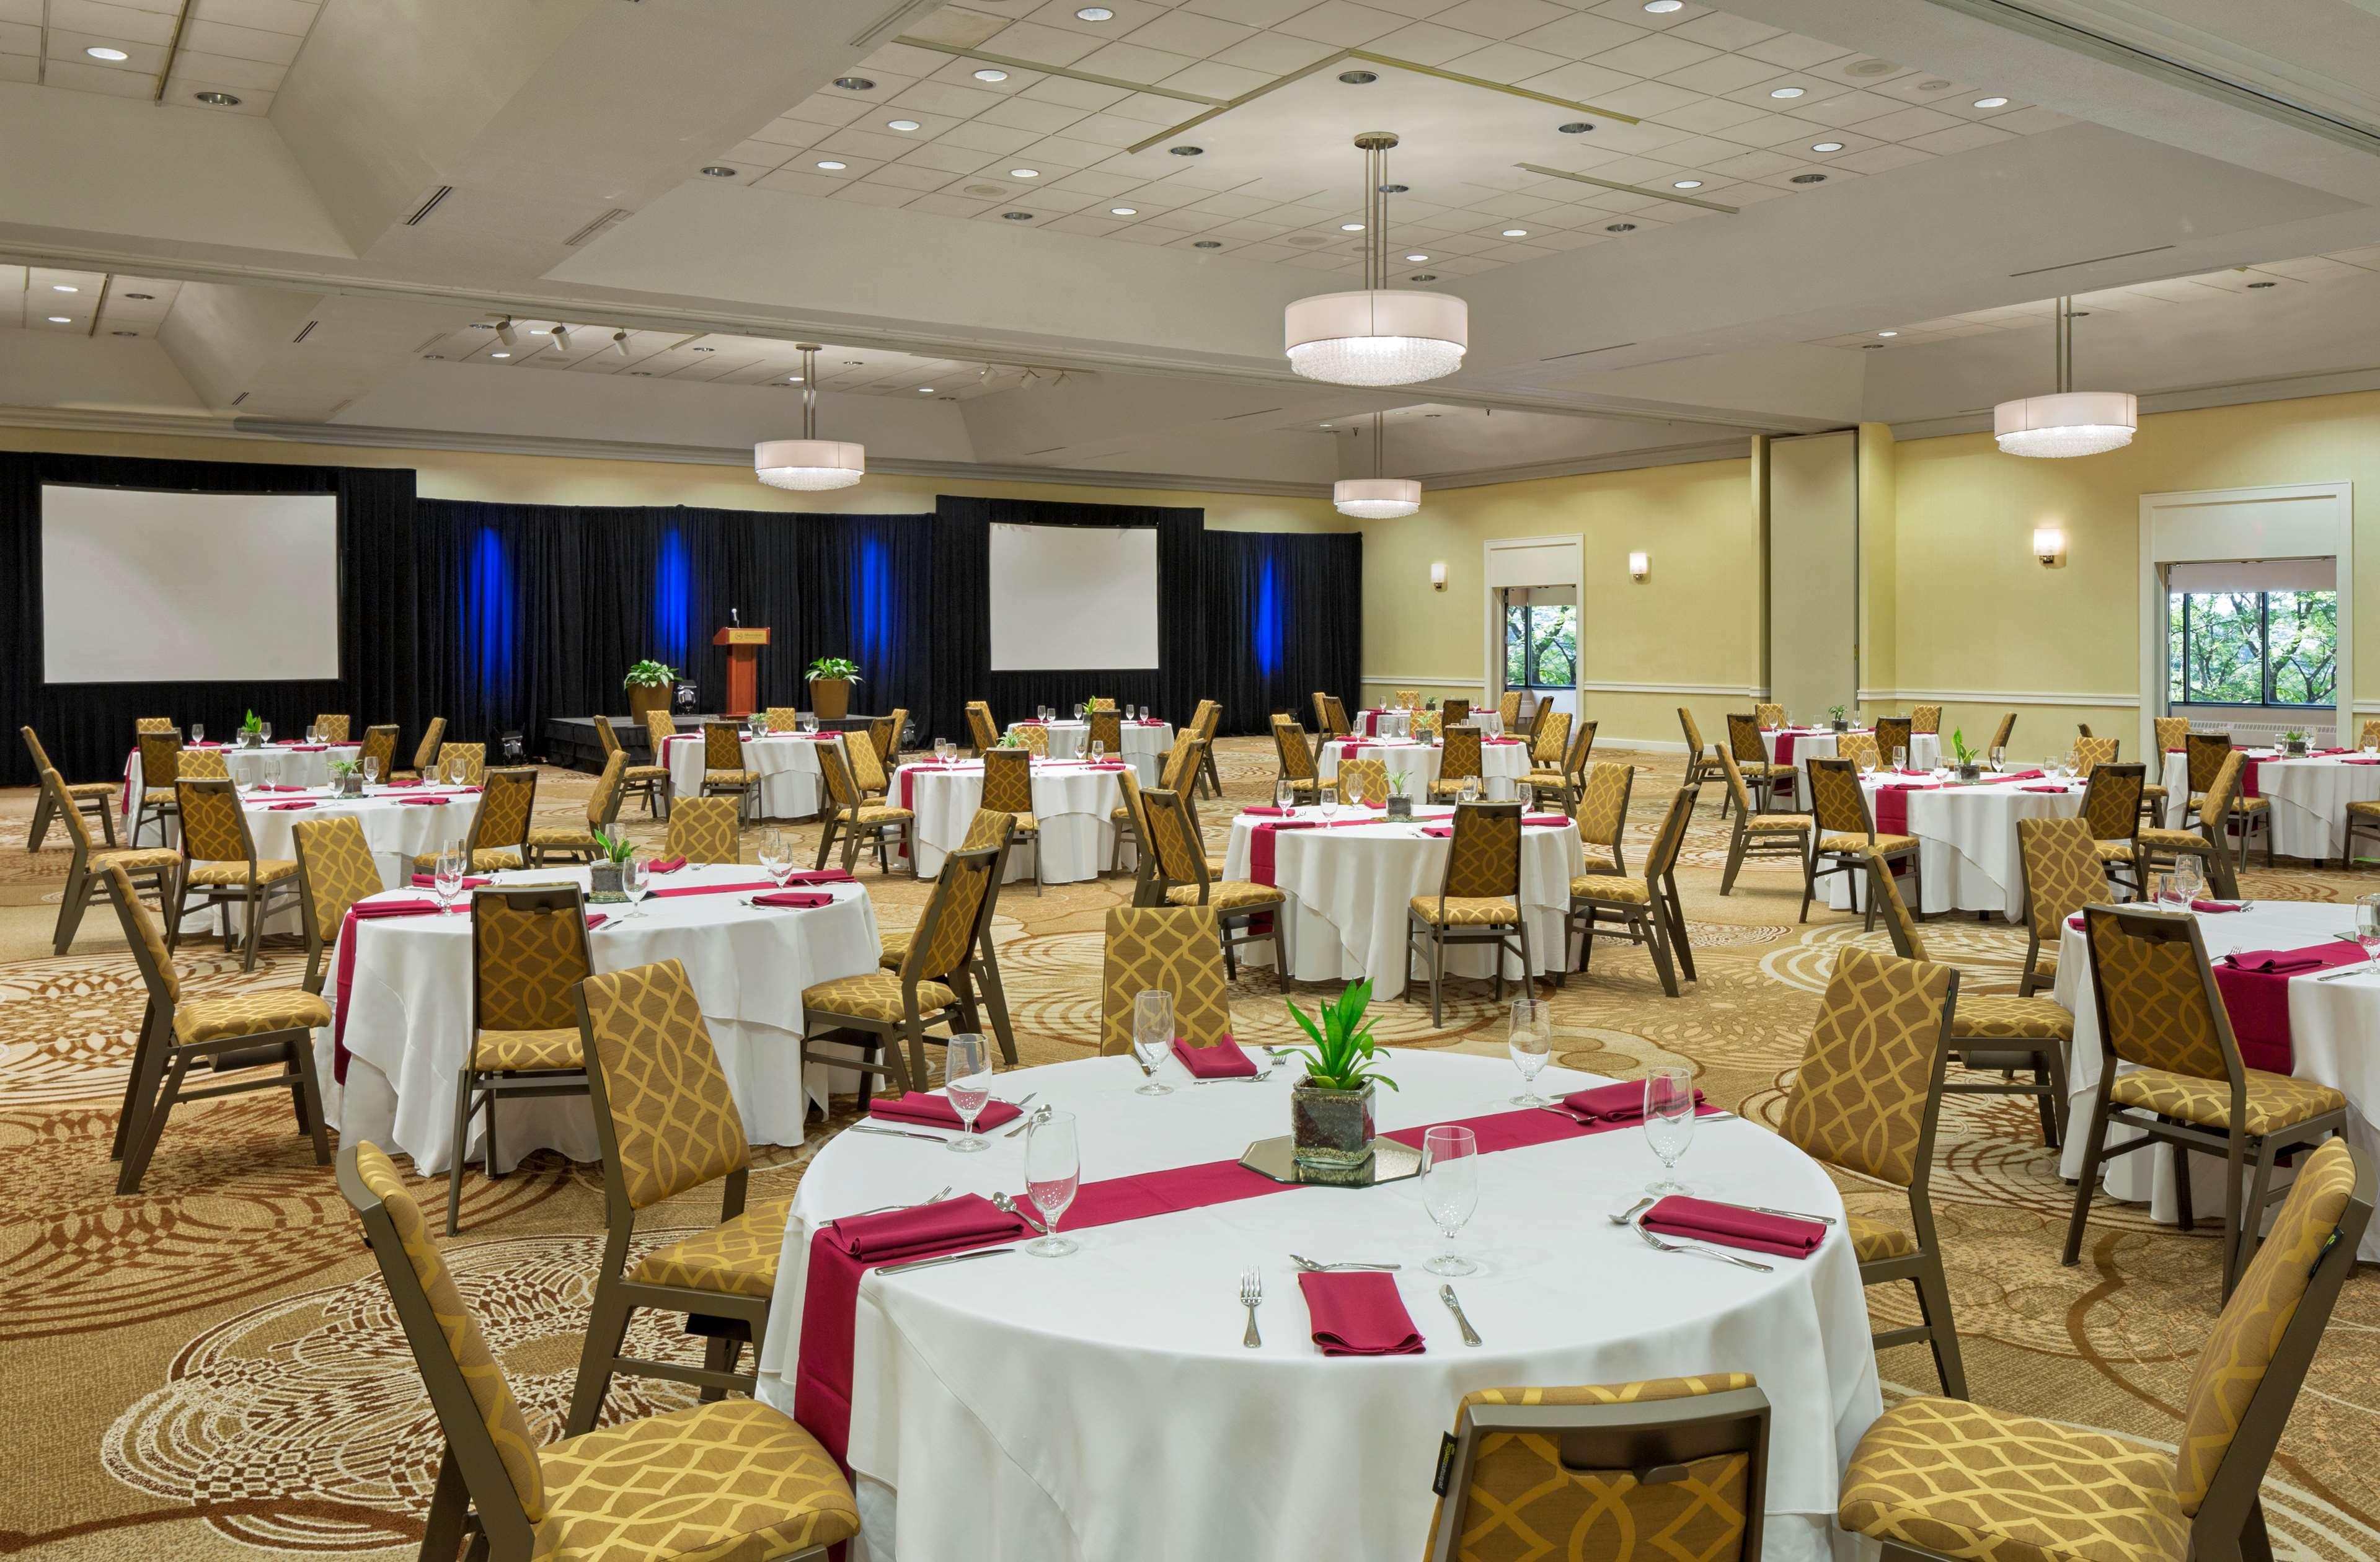 Sheraton Harrisburg Hershey Hotel image 15